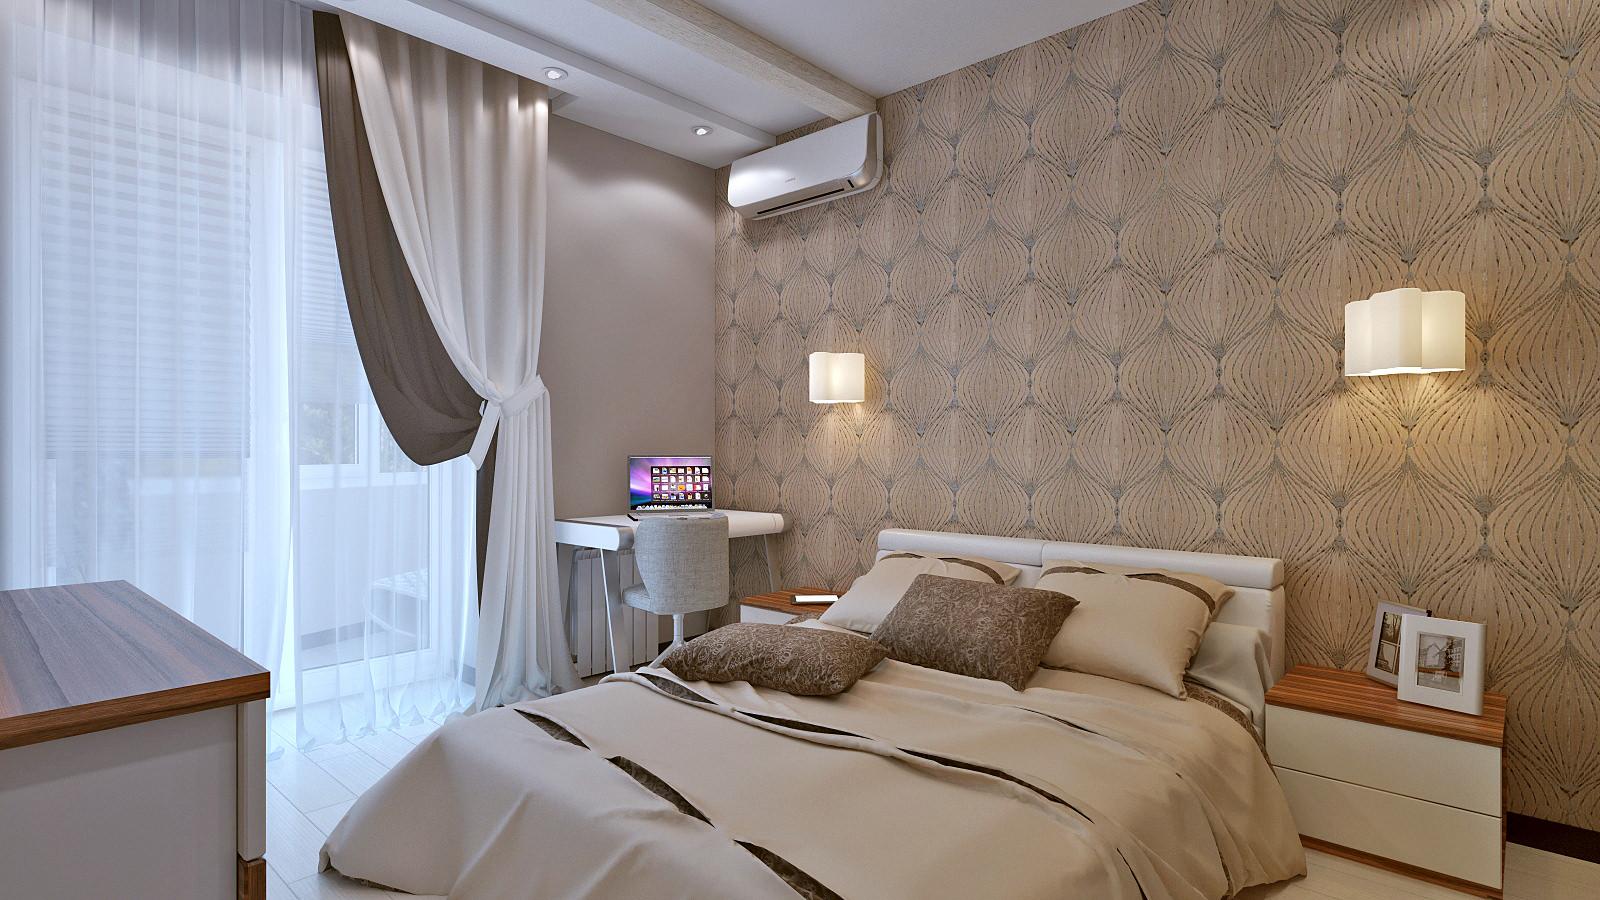 Спальня с настенными светильниками